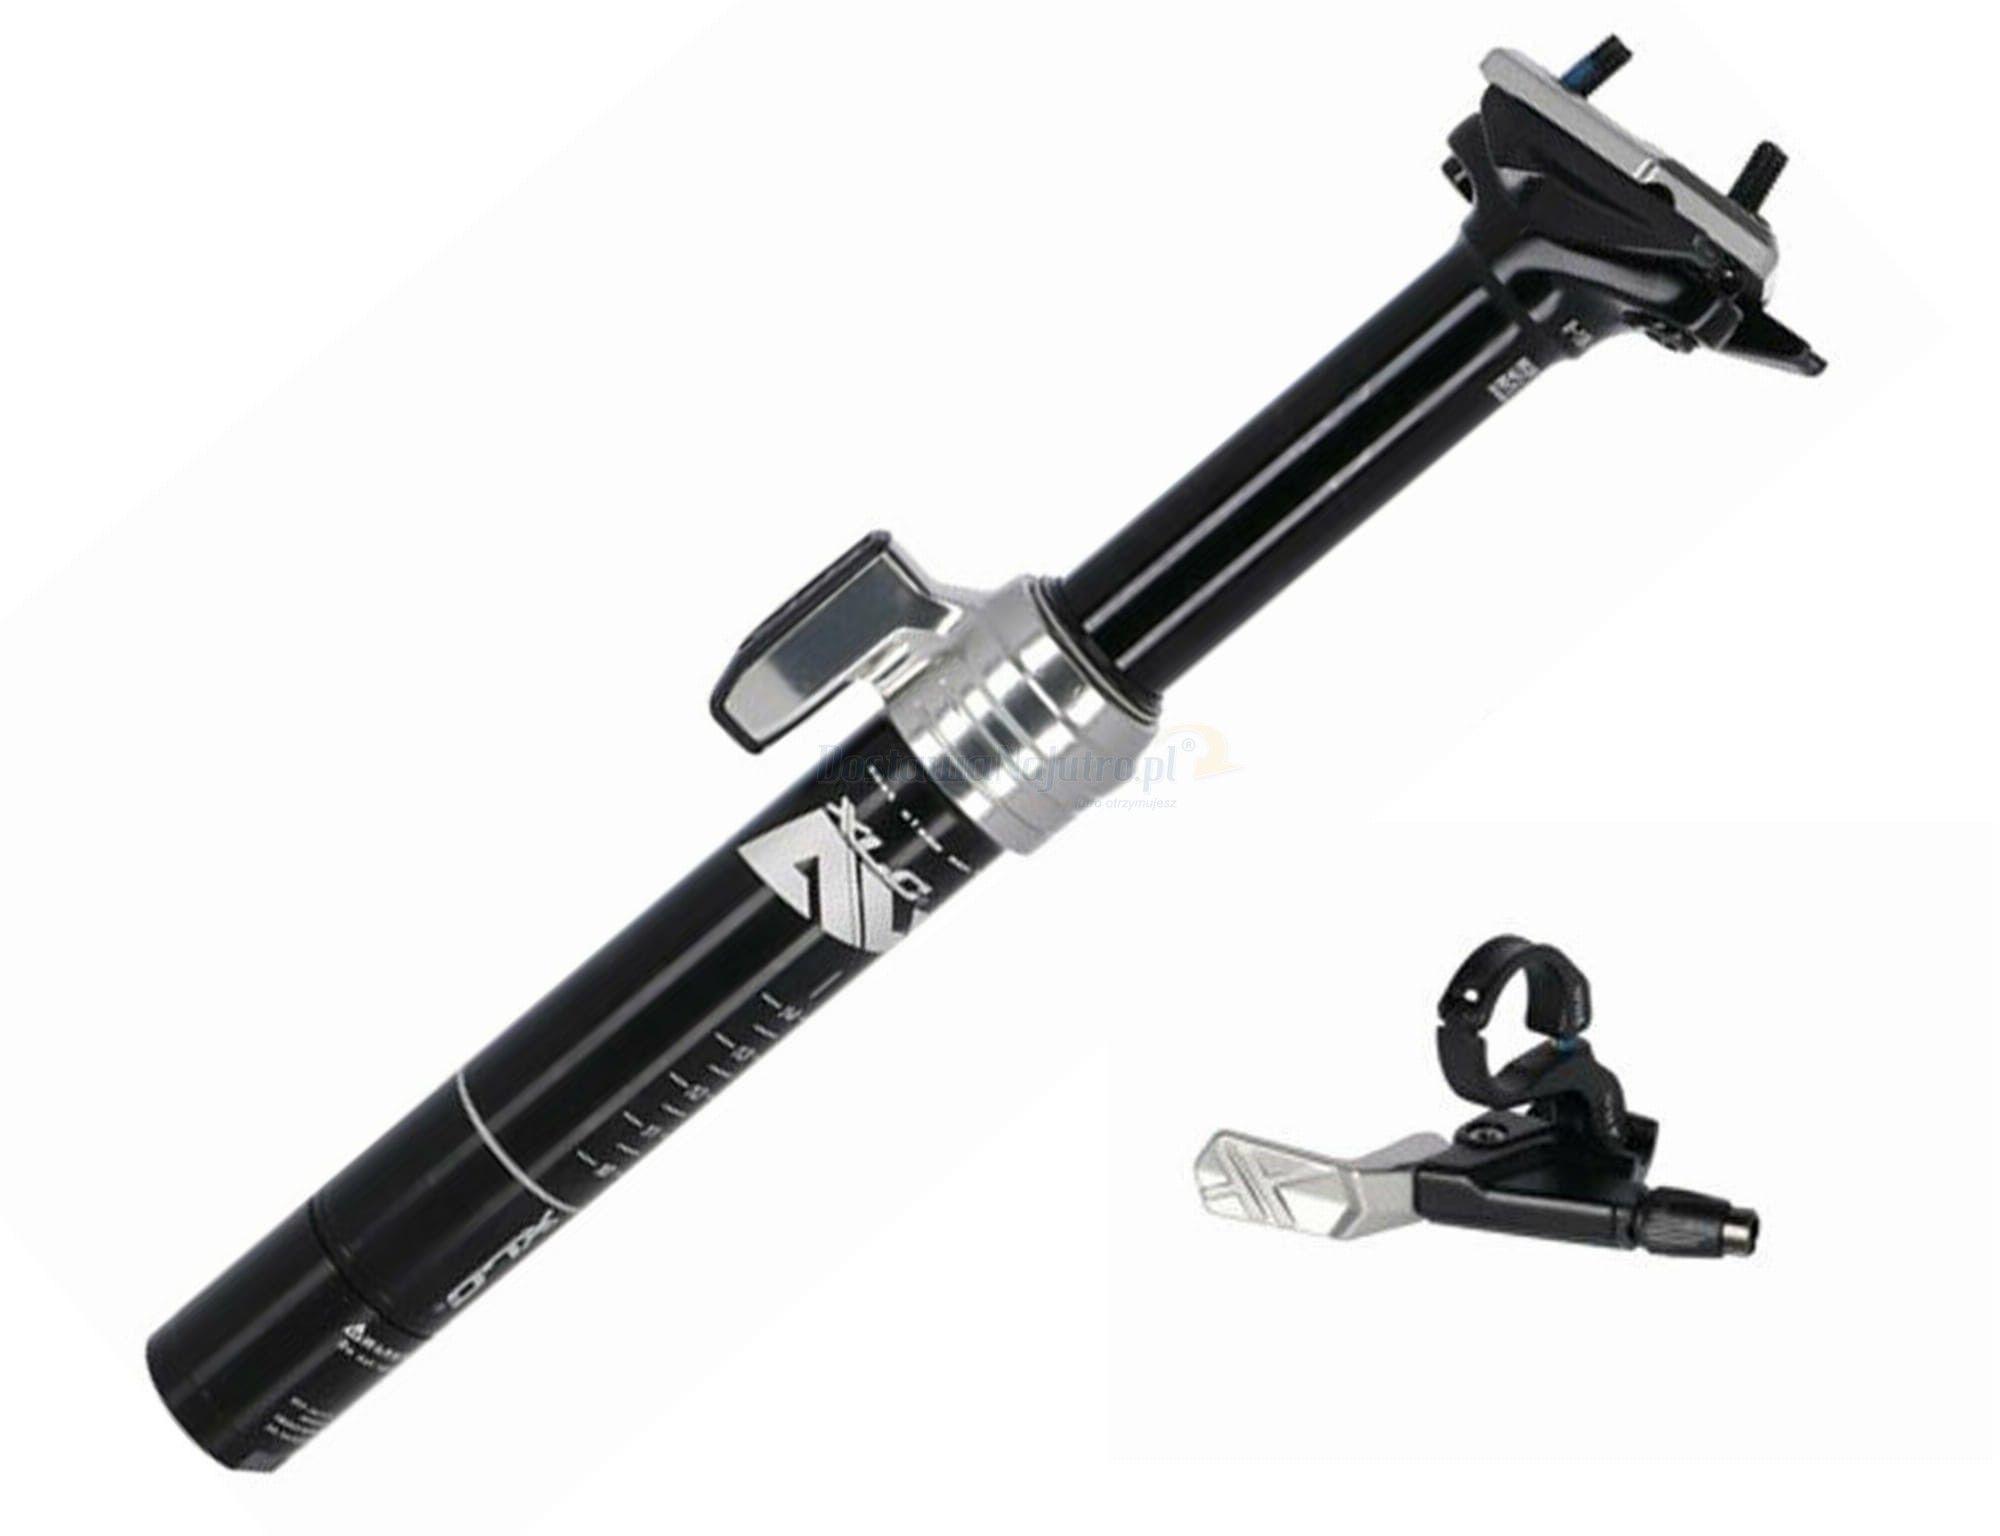 Teleskopowa sztyca XLC SP-T10B 125 mm pneumatyczna dropper manetka 30,9mm